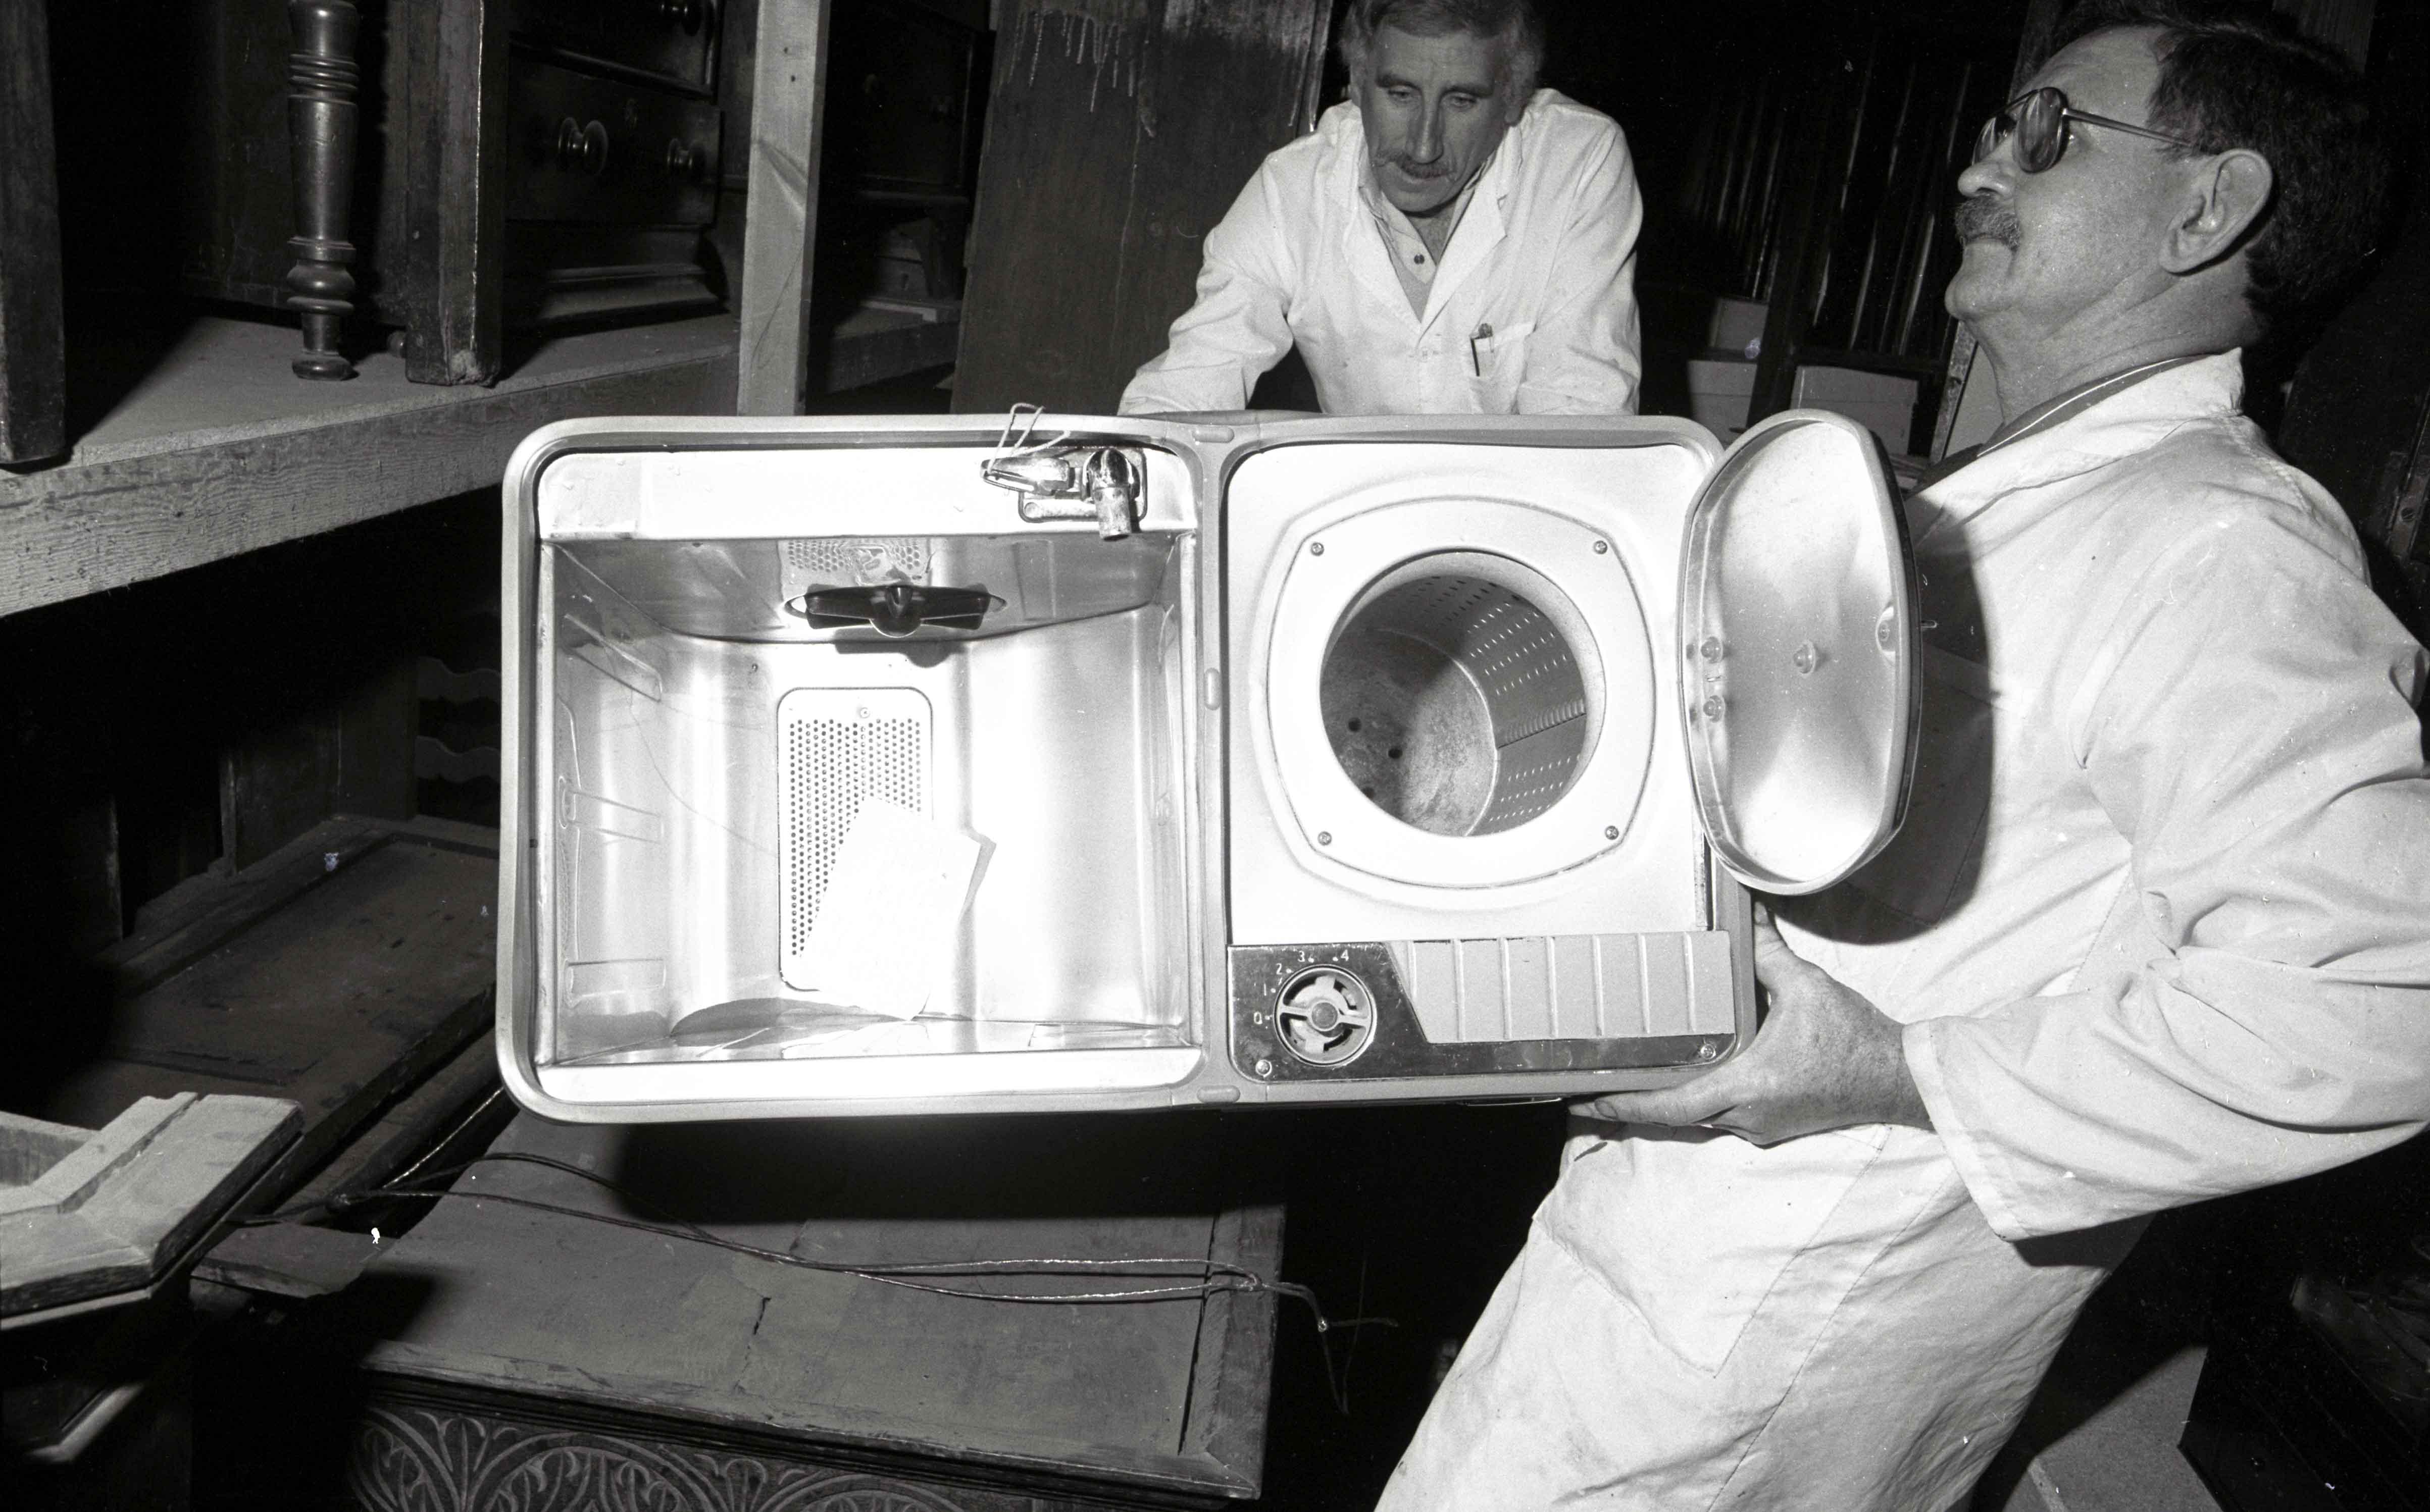 hoovermatic tub washing machine